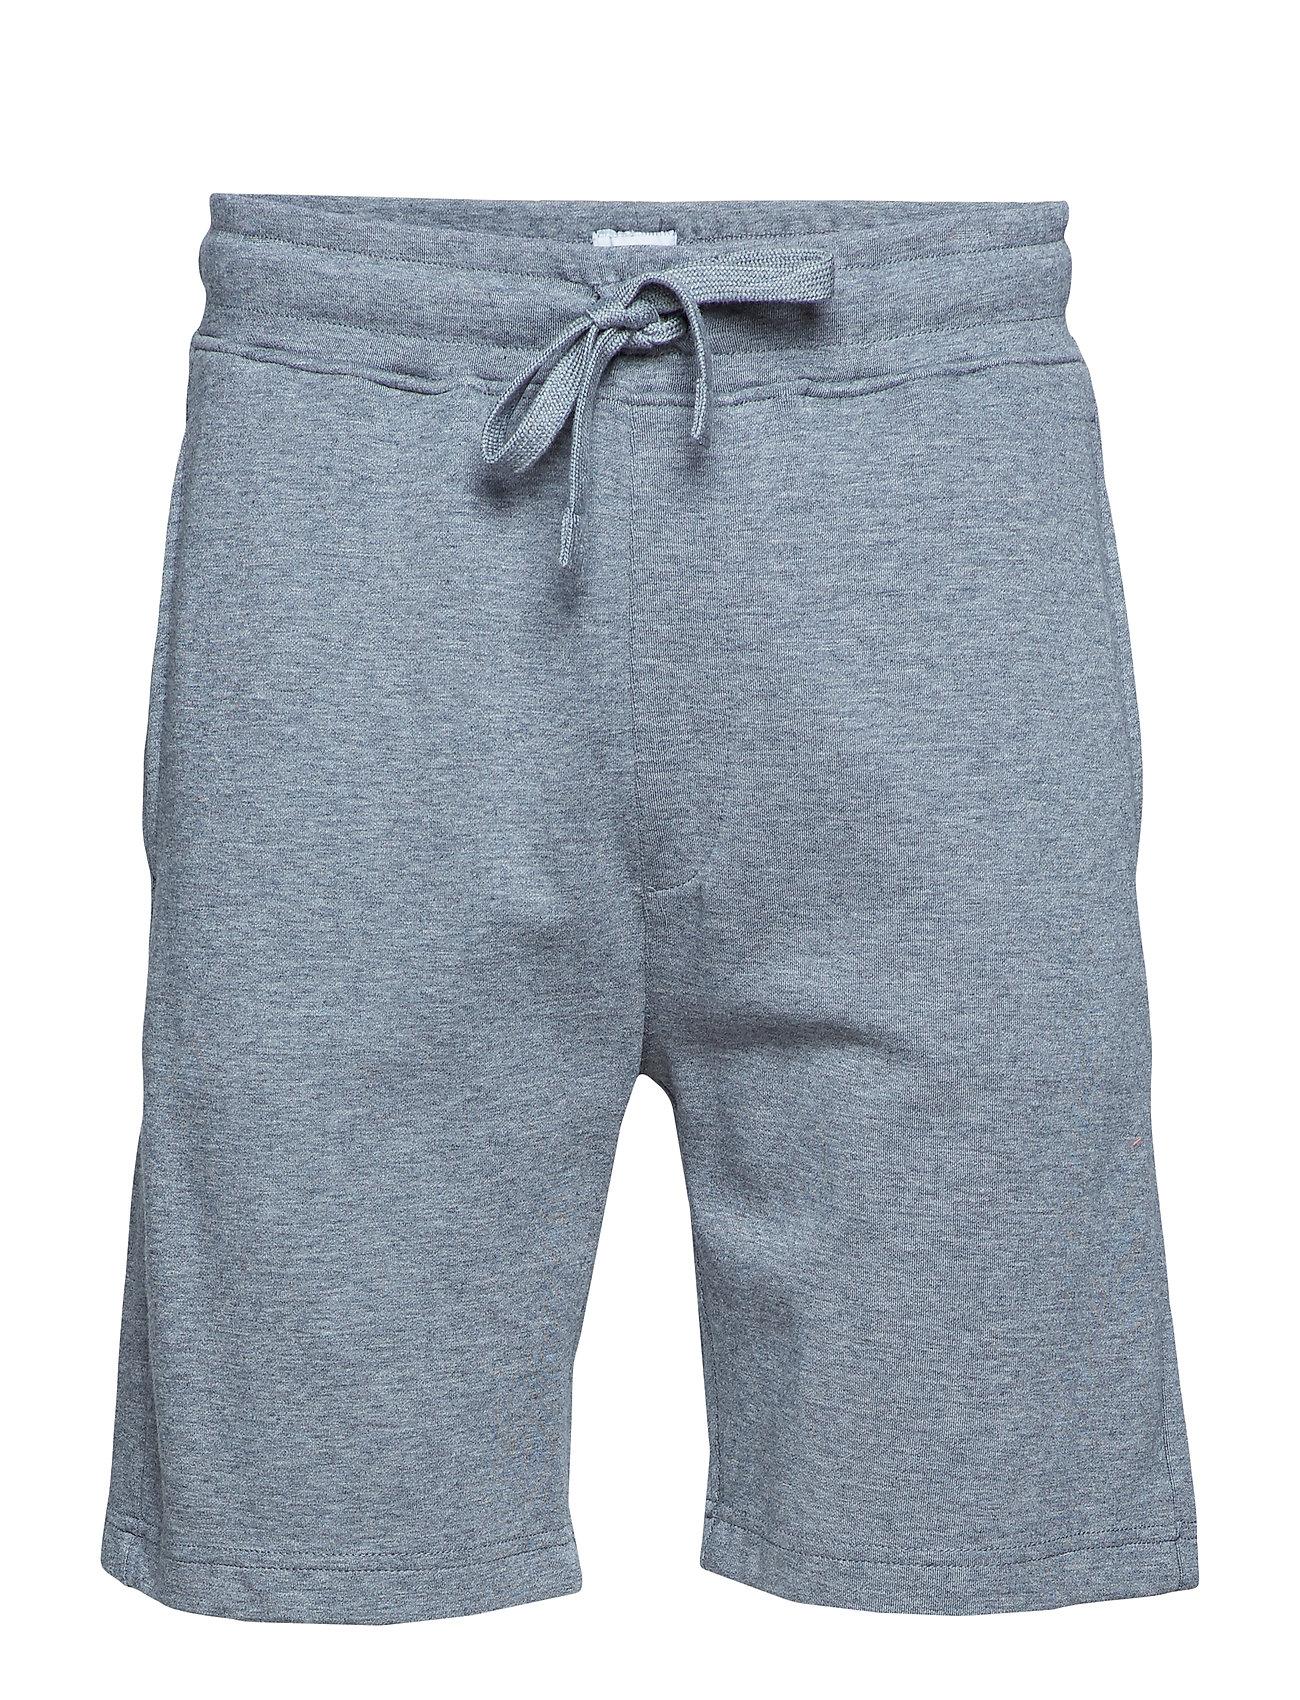 JBS of Denmark JBS of Denmark, bamboo shorts - DARK GREY